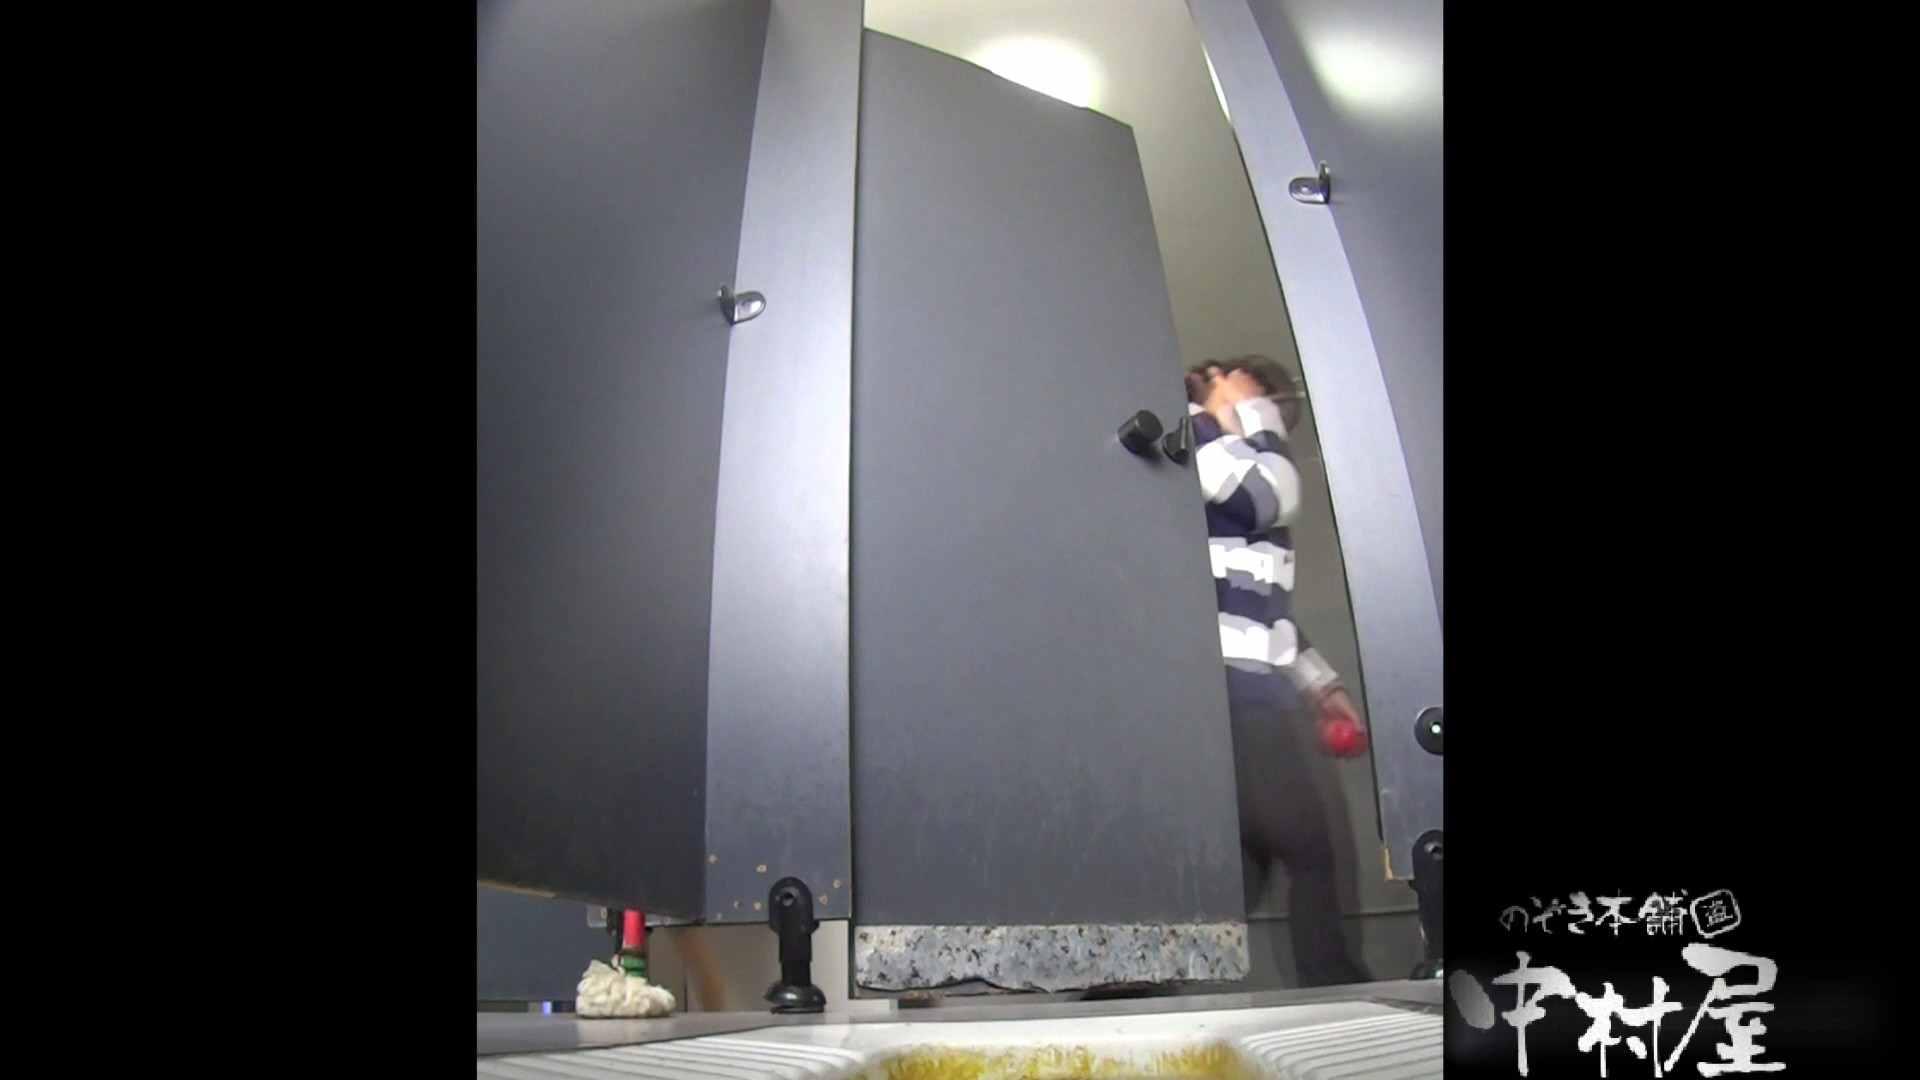 むっちり眼鏡さんの洗面所盗satu 大学休憩時間の洗面所事情17 美女ヌード 性交動画流出 104画像 102